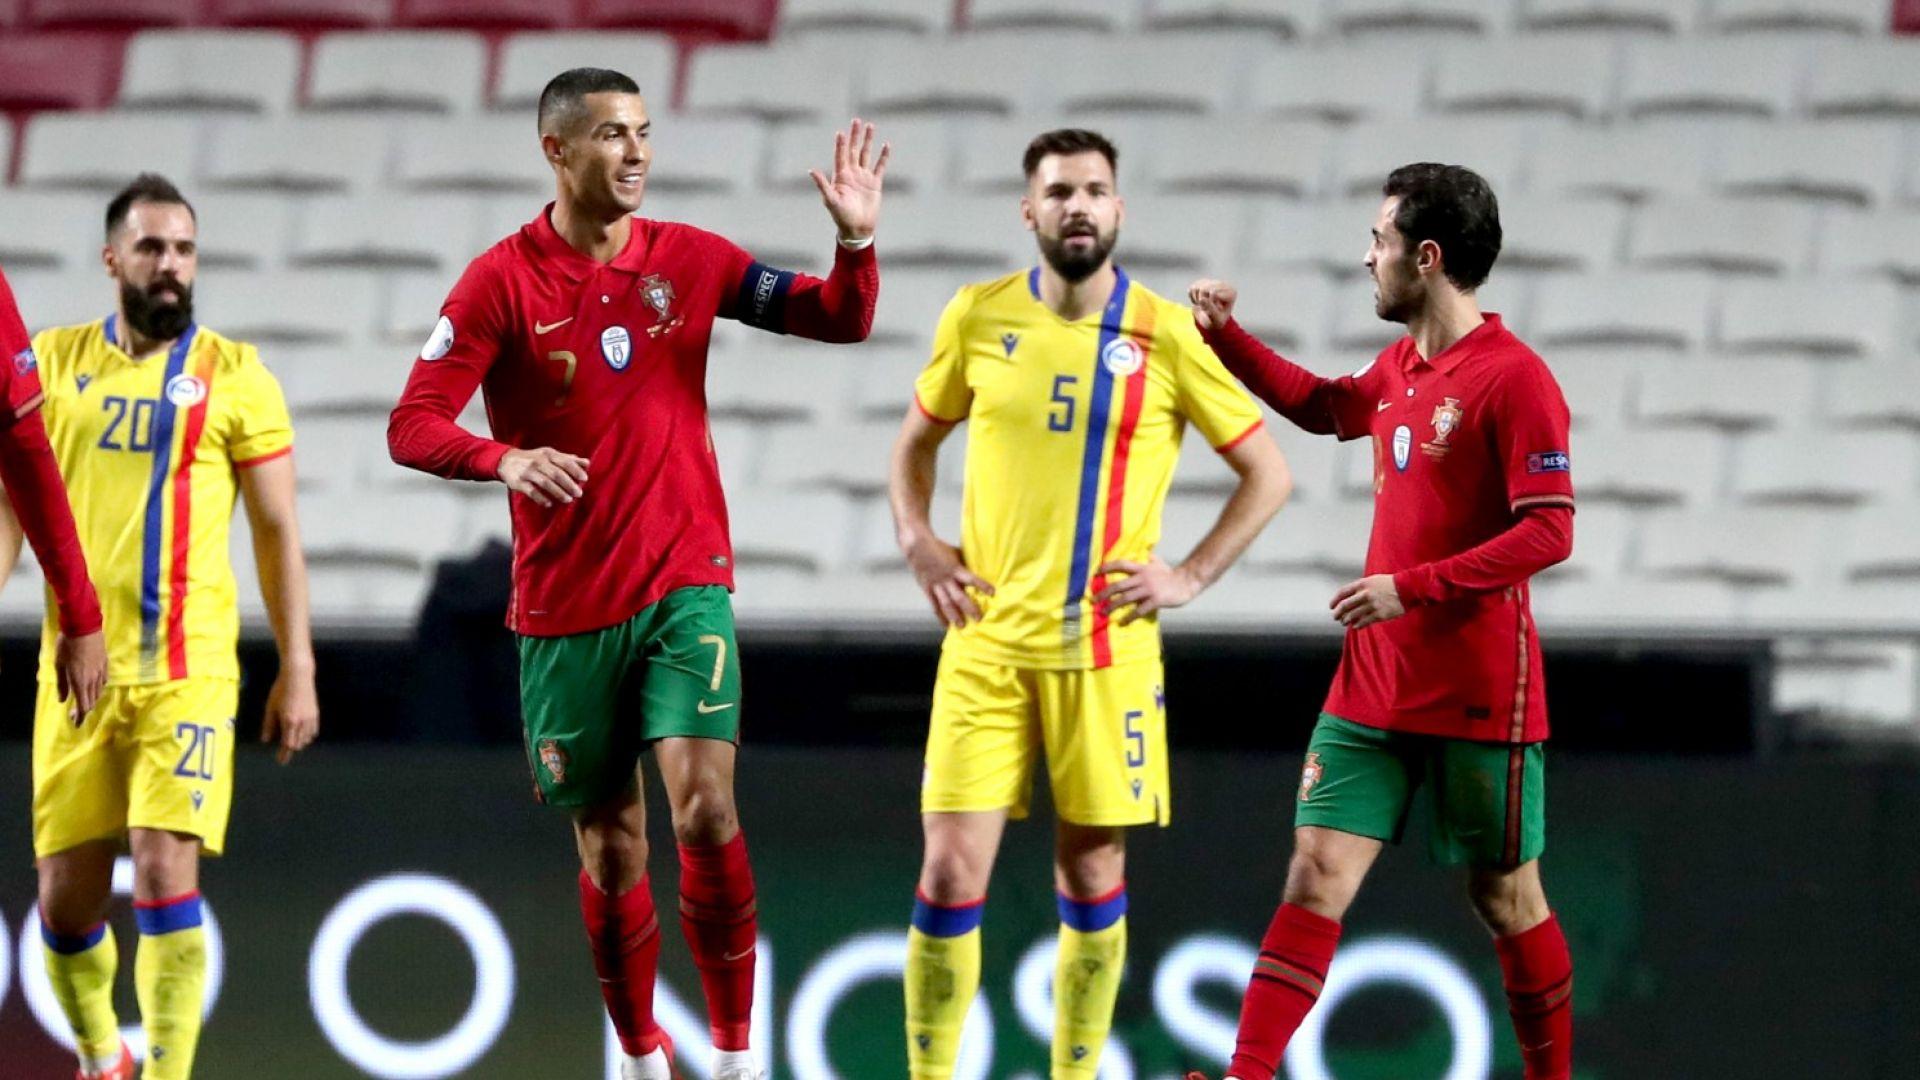 Хърватският капитан разбра на полувремето на мач, че е с Covid-19 (Резултати)